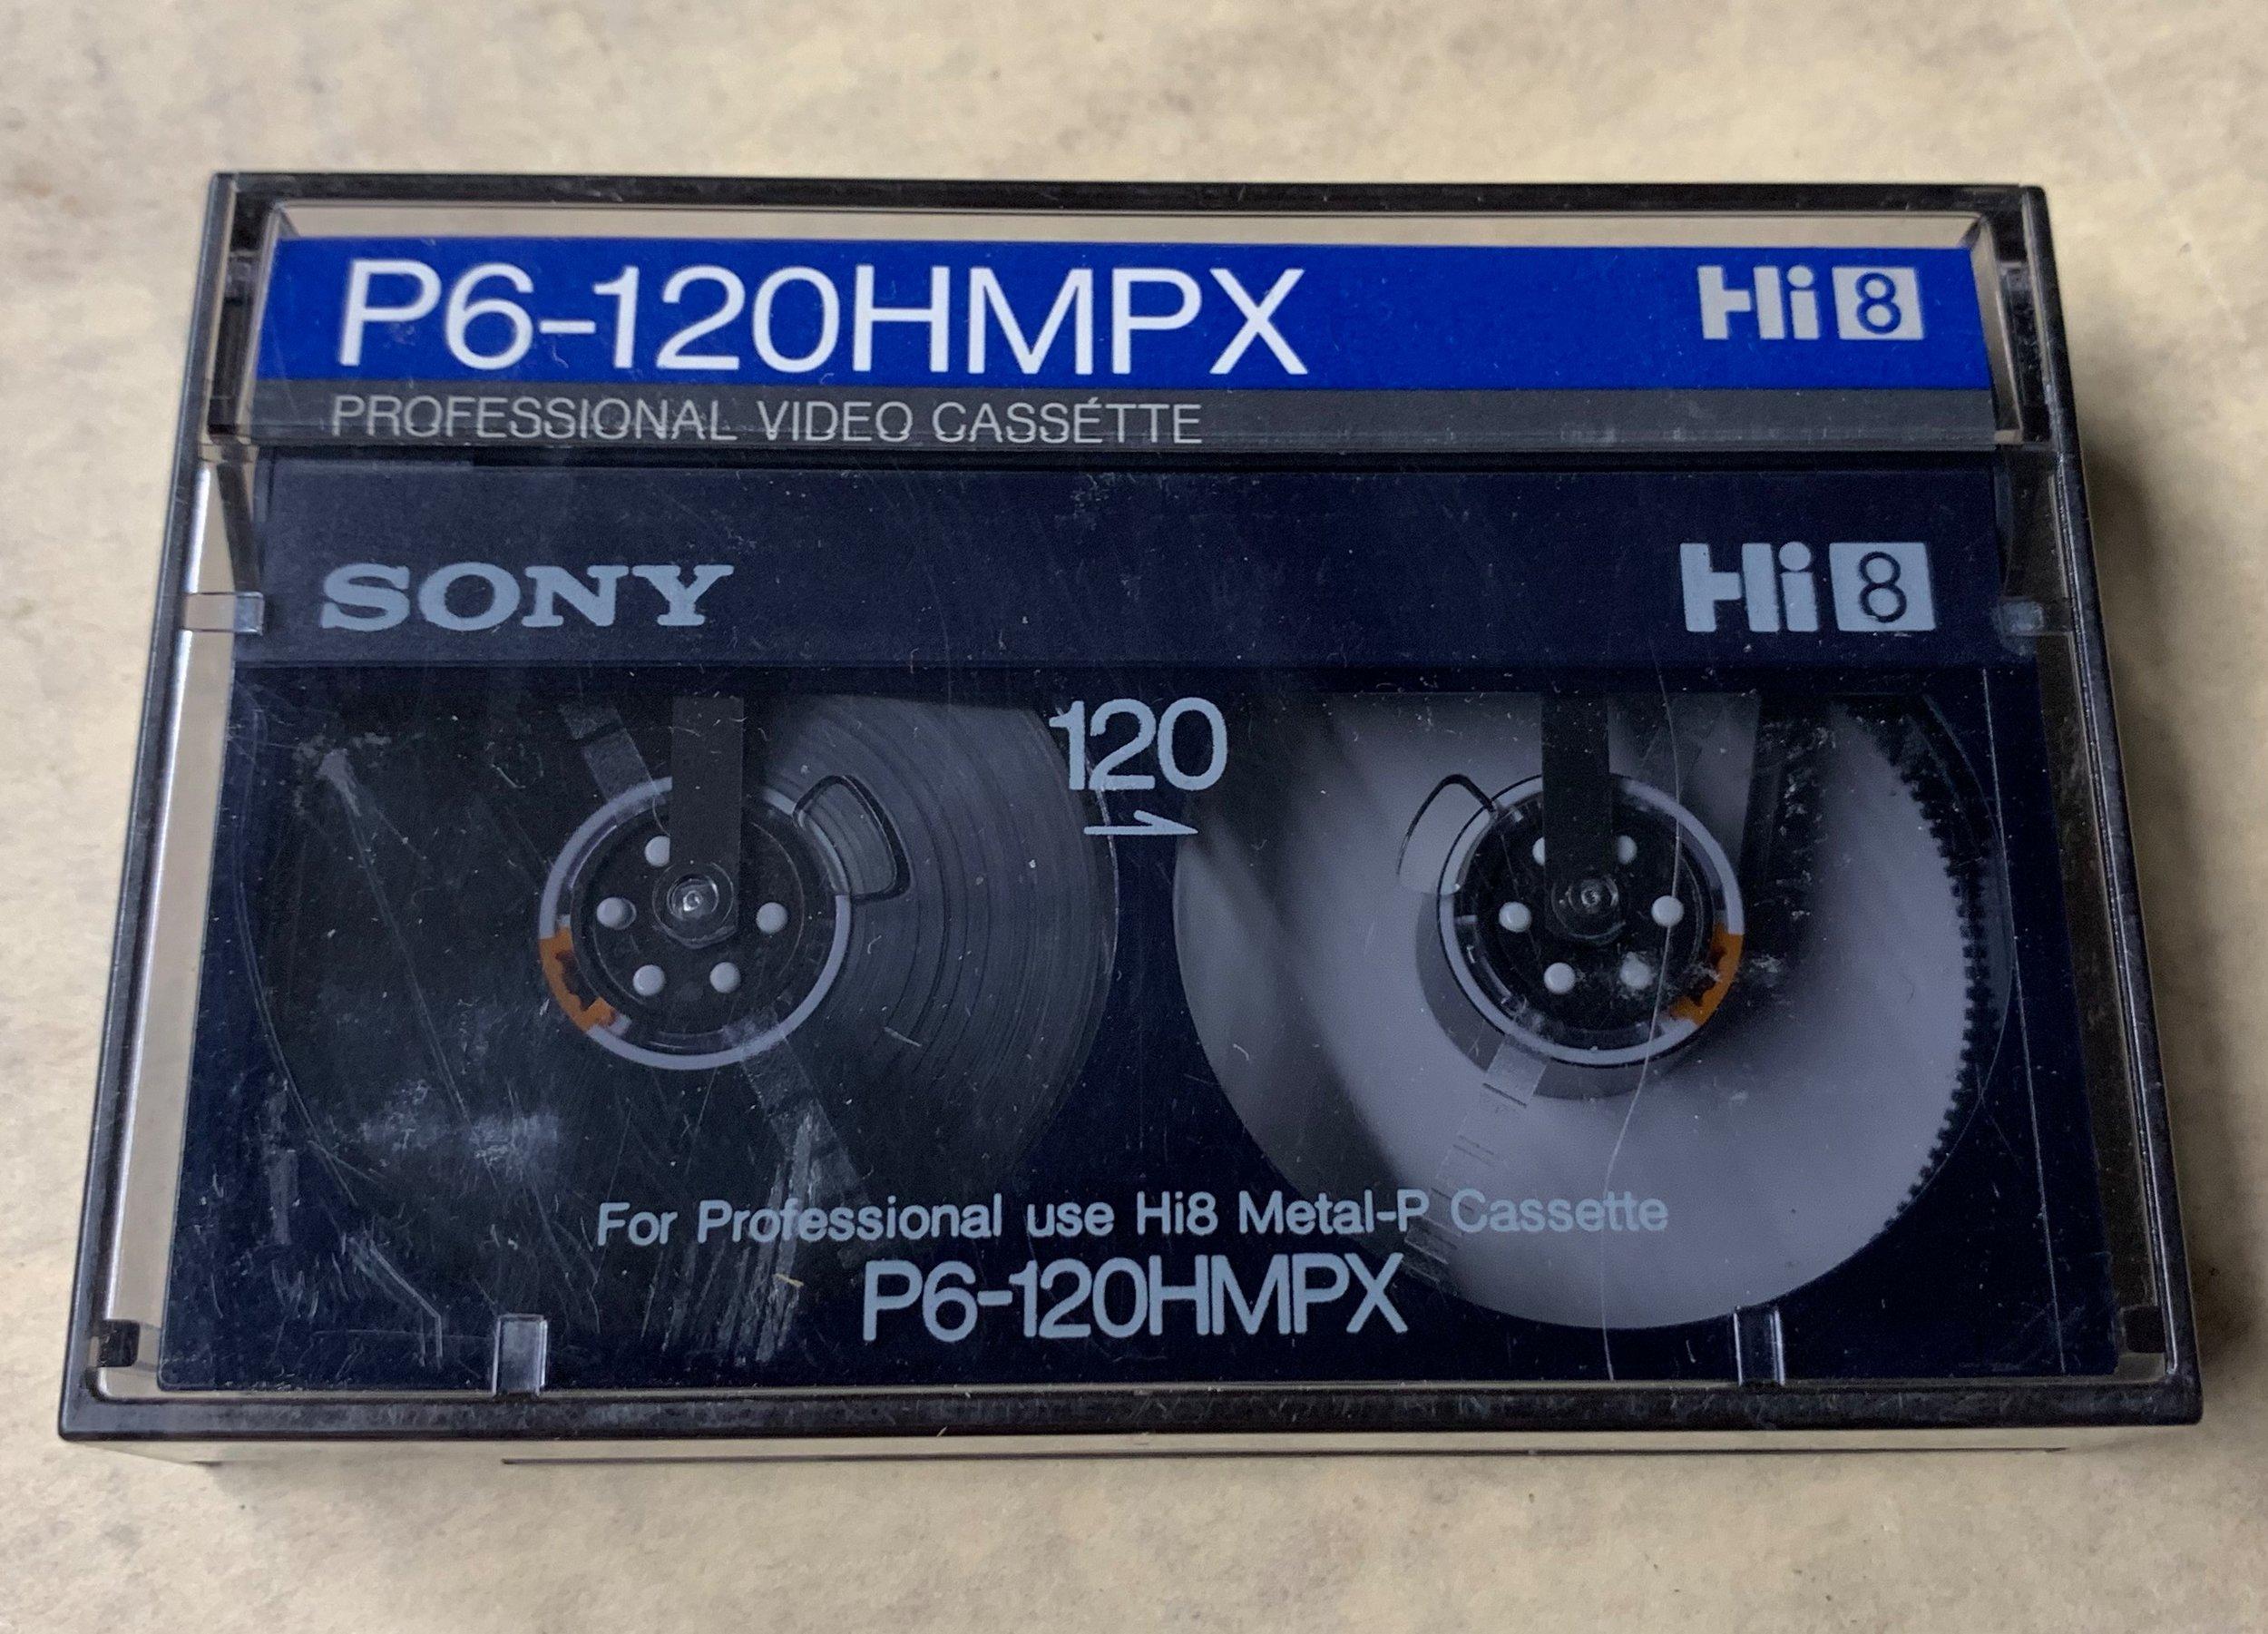 Sony Hi8 cassette